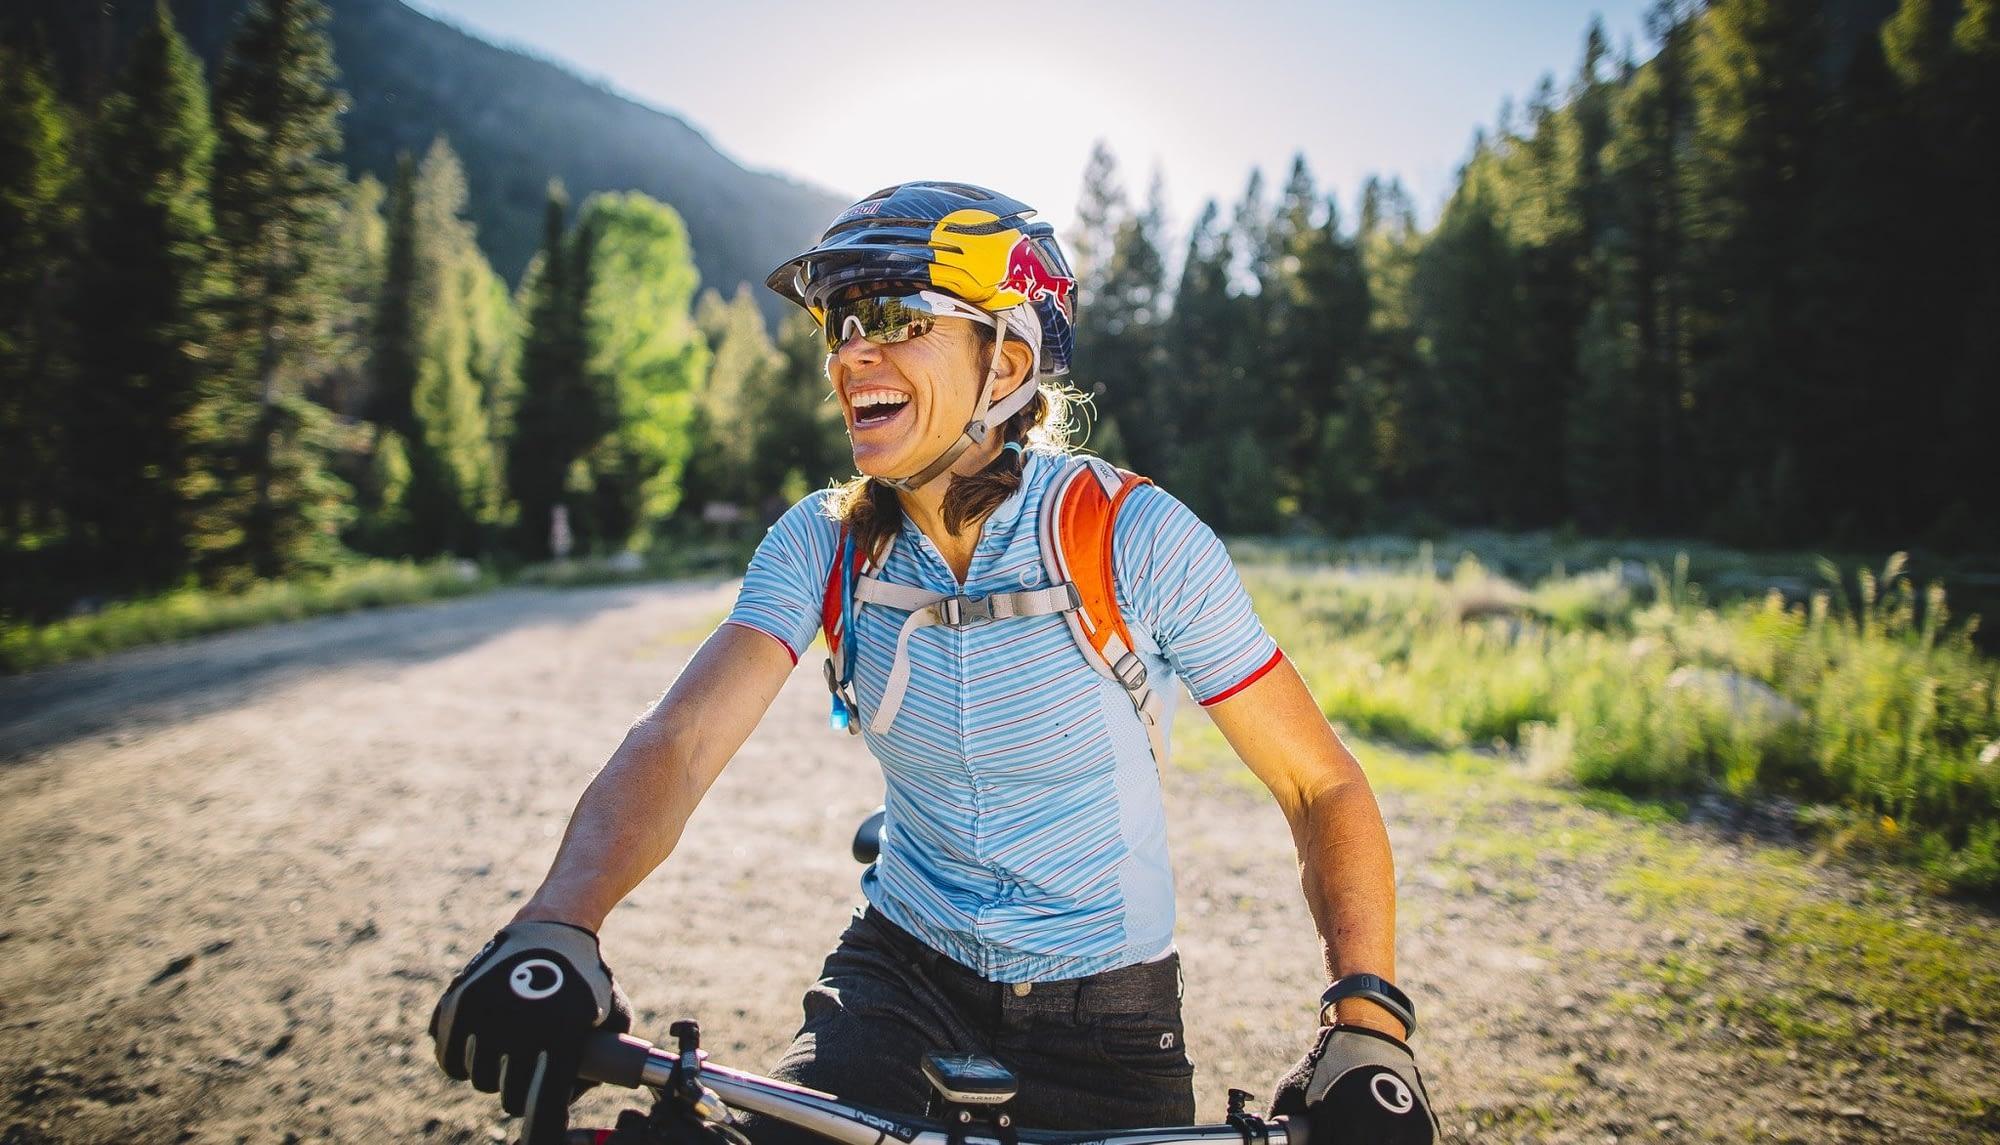 Mountain bikes to tackle Kilimanjaro descent